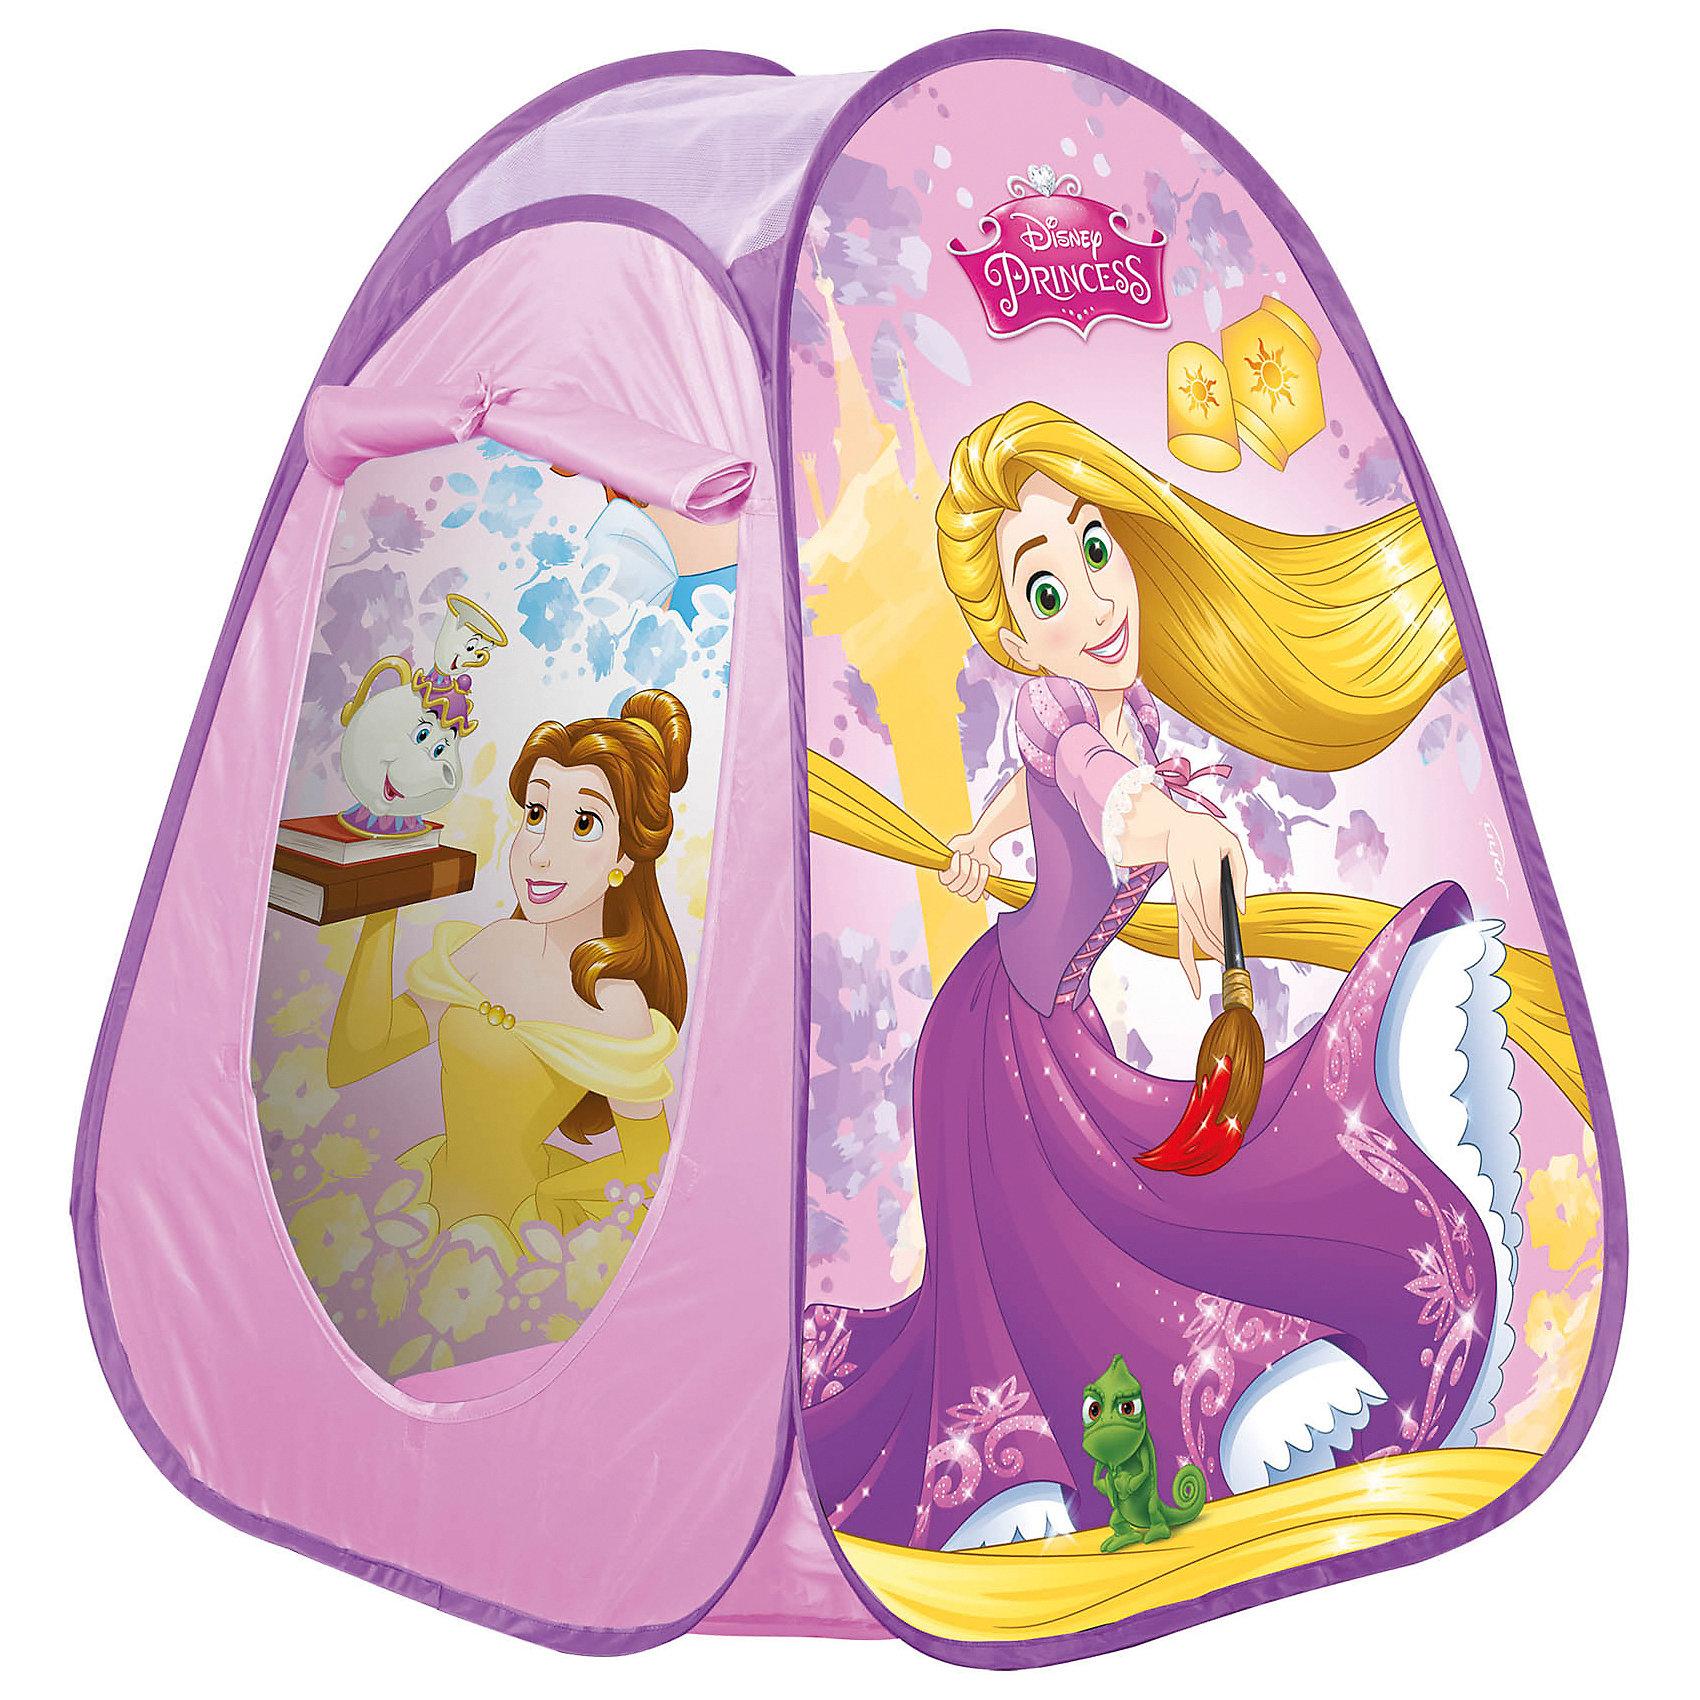 Палатка Принцессы, JohnПопулярные игрушки<br>Палатка Принцессы, John (Джон). <br><br>Характеристика:<br><br>• Материал:  100% полиэстер, пластик, металл. <br>• Размер в разложенном виде: 75 х 75 х 90 см.<br>• Размер упаковки: 34 х 34 х 4 см.<br>• Вес: 0,8 кг. <br>• Оформлена изображениями Disney princes (Принцесс Диснея).<br>• Влагоотталкивающая пропитка. <br>• Дверь можно закрепить сверху, обеспечив постоянное проветривание. <br>• Верх выполнен из сетчатого материала.<br><br>Яркая палатка-домик, оформленная изображениями любимых Disney princes, приведет в восторг любую девочку! Палатка изготовлена из экологичных износостойких материалов безопасных для детей, легко и быстро собирается, подходит для игр в помещении и на свежем воздухе в теплую сухую погоду. Верх палатки выполнен из сетчатого материала, дверь можно закрепить сверху - это обеспечит постоянный приток свежего воздуха и естественное проветривание.  Модель достаточно вместительная: подходит для игр нескольких детей.<br><br>Палатку Принцессы, John (Джон) можно купить в нашем интернет-магазине.<br><br>Ширина мм: 345<br>Глубина мм: 342<br>Высота мм: 55<br>Вес г: 678<br>Возраст от месяцев: 24<br>Возраст до месяцев: 72<br>Пол: Женский<br>Возраст: Детский<br>SKU: 2536193